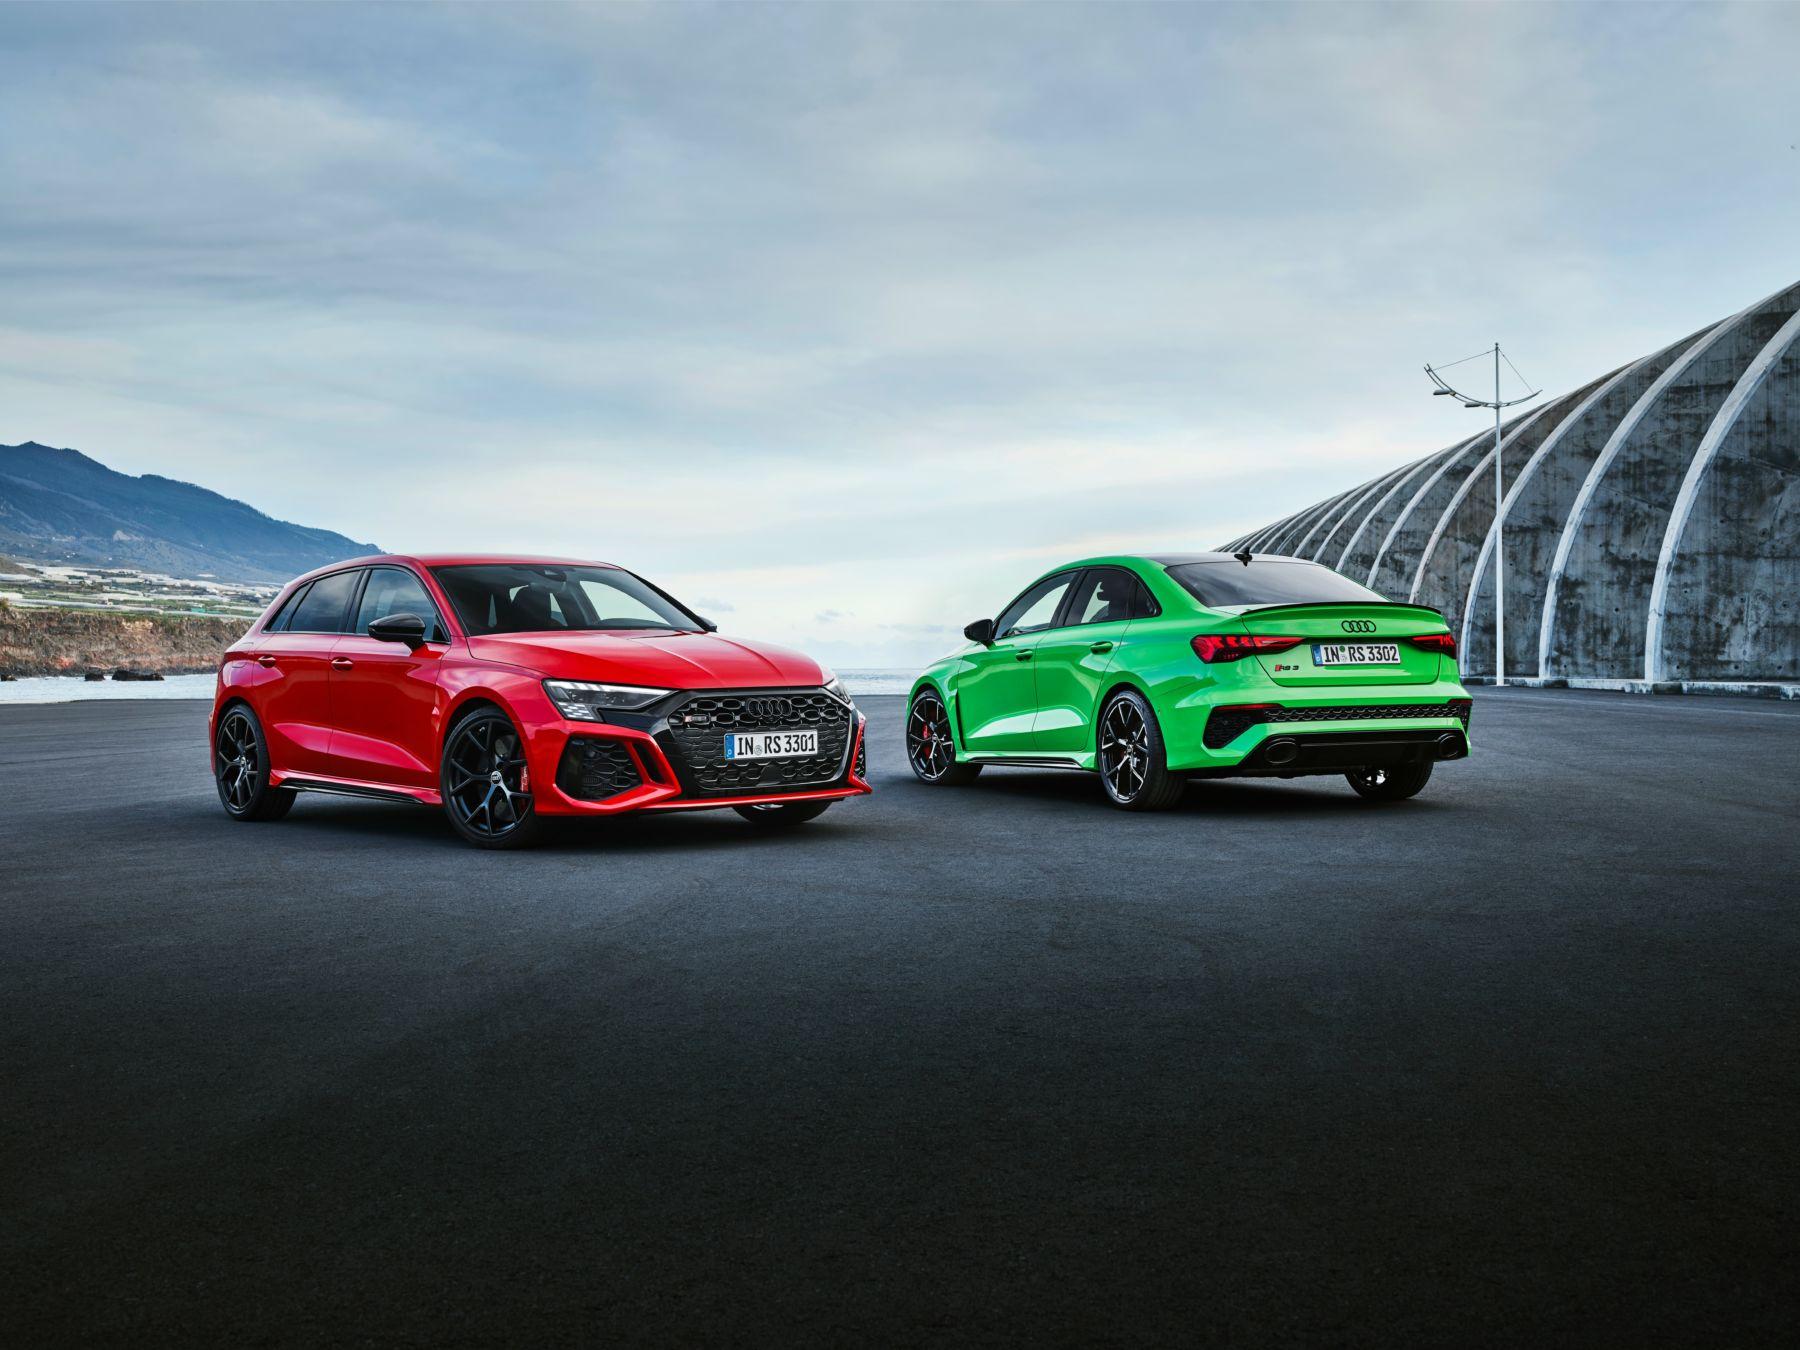 Audi RS 3 : Toujours 400 chevaux et un cinq cylindres en ligne sous le capot